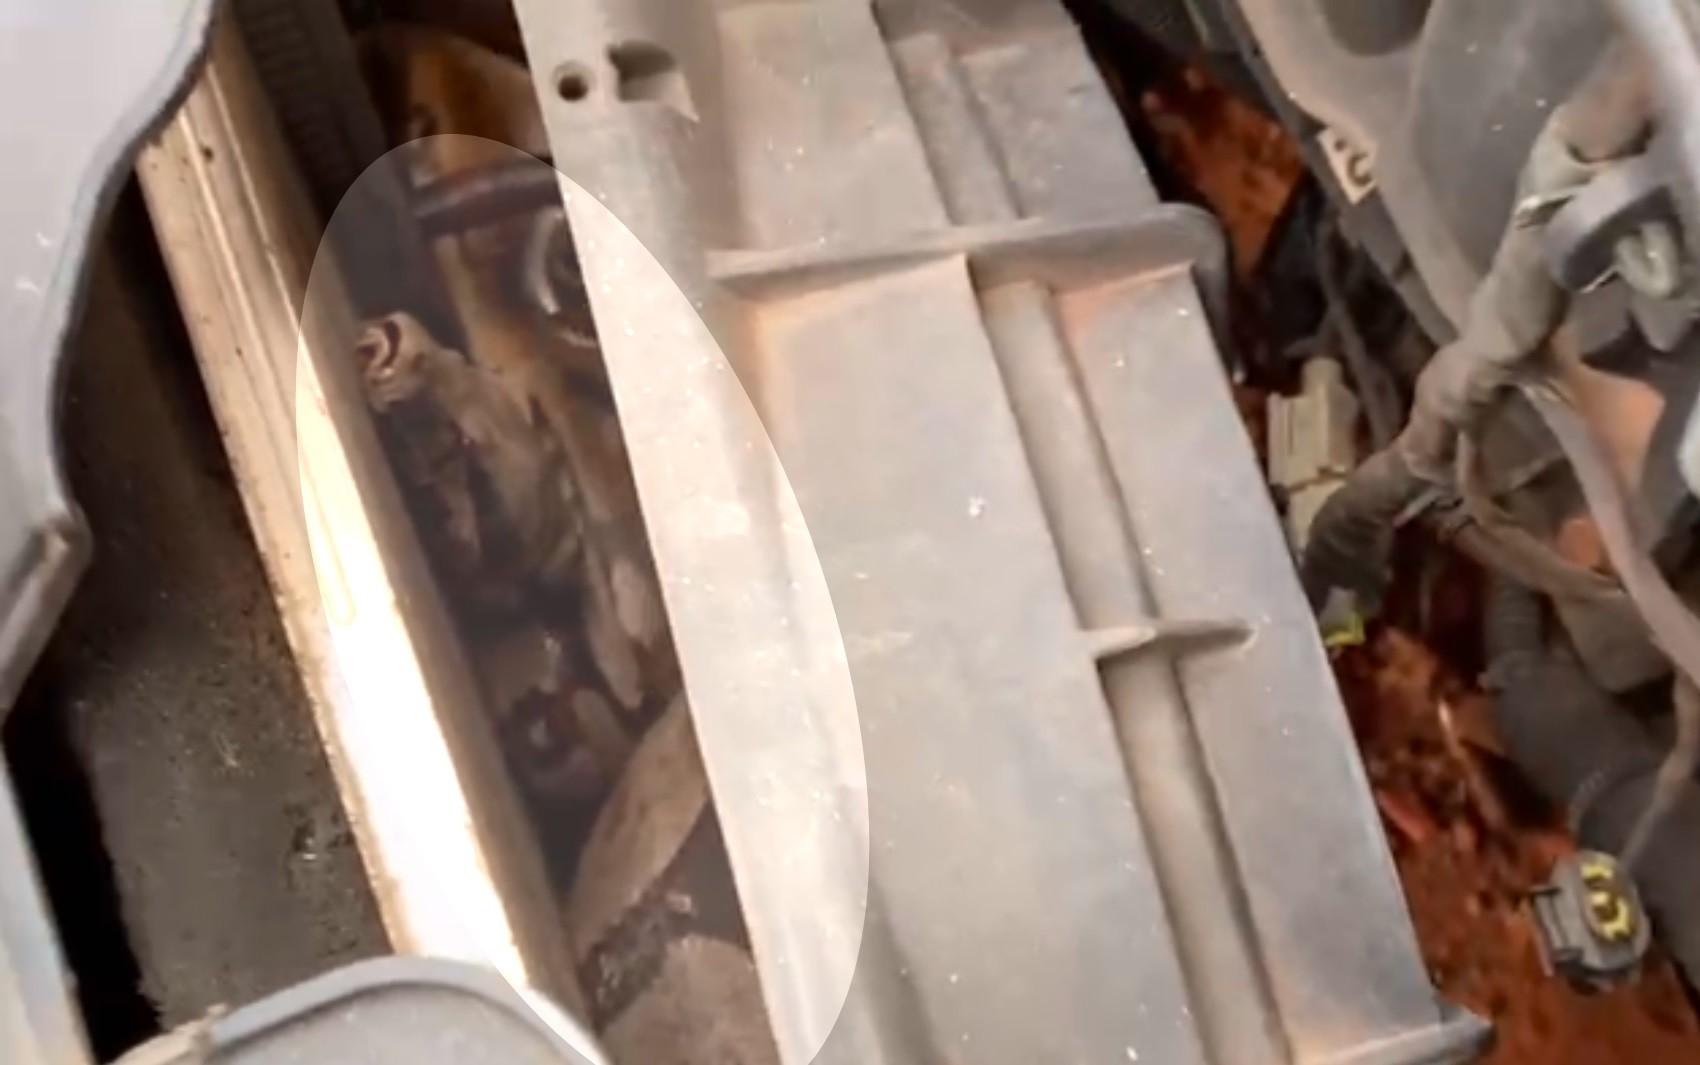 Bombeiros resgatam cobra de quase 2m em motor de carro, em Aparecida de Goiânia; vídeo